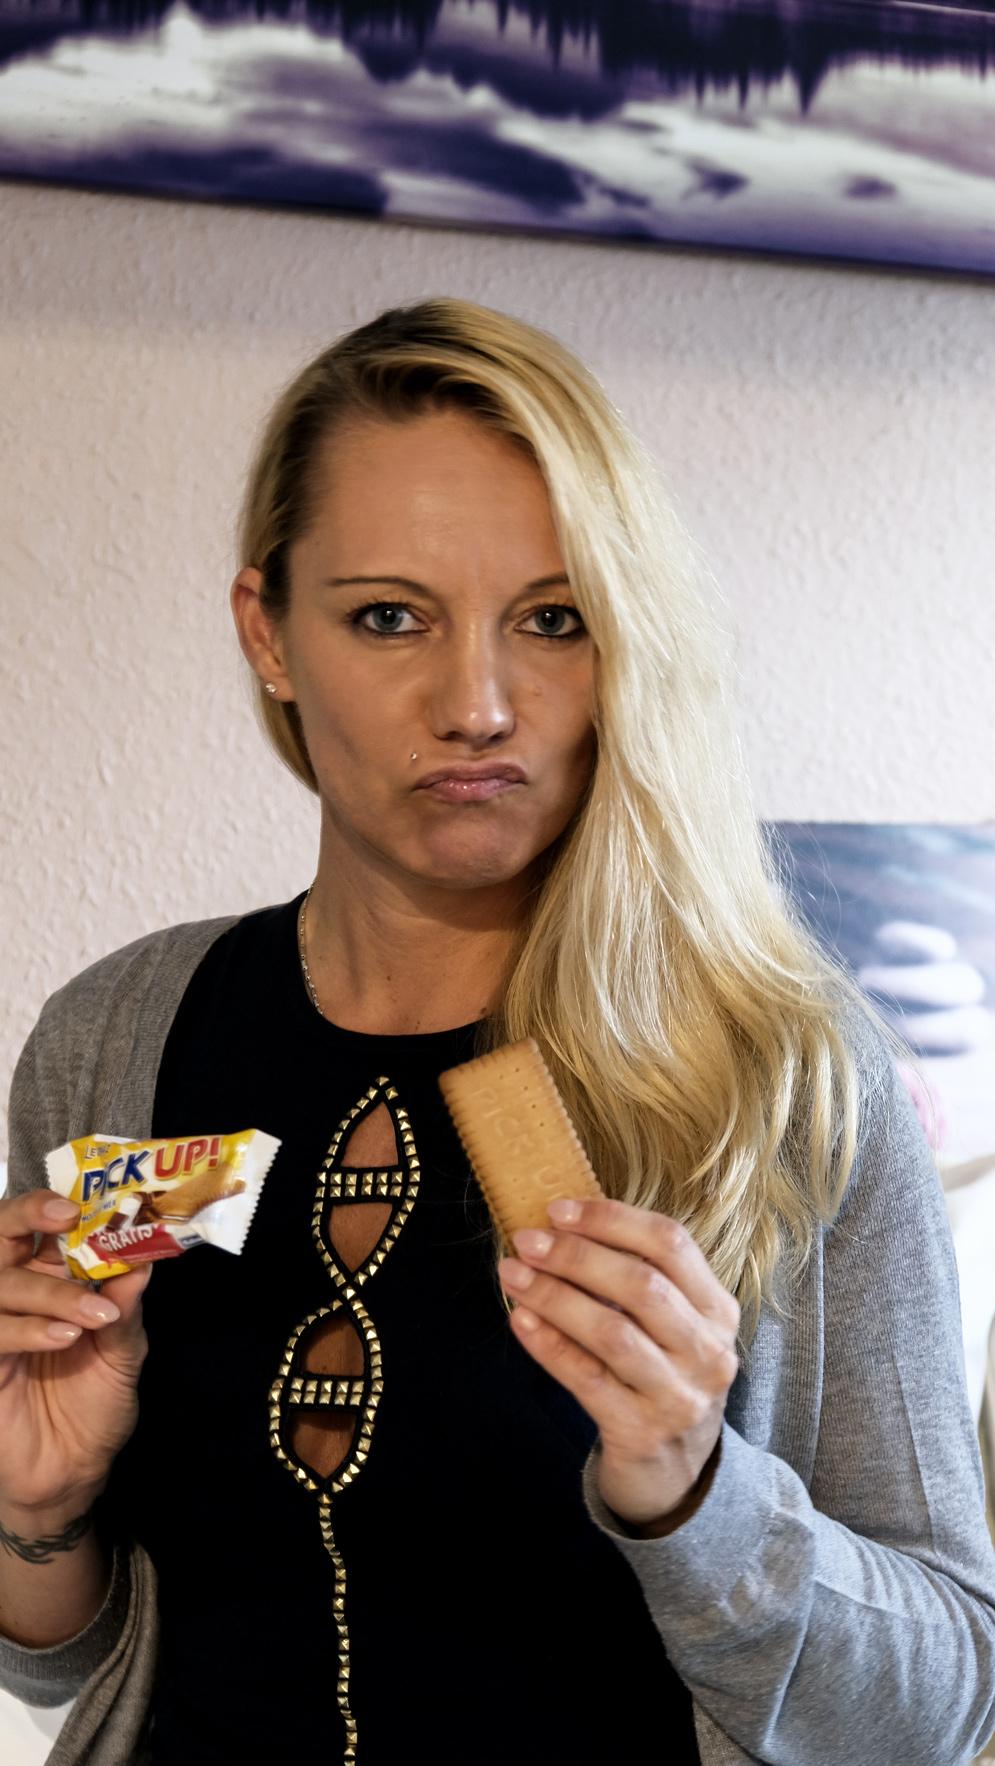 Wir wissen es seit Langem: Ein hoher Zuckerkonsum ist ungesund und gefährlich. Dass wir Deutschen zweitgrößter Zuckerkonsument der Welt sein sollen, ist absolut nichts, worauf wir stolz sein können. Auch wenn aktuelle Werbeslogans uns unterschwellig etwas Anderes suggerieren möchten, schädigt Zucker langfristig gesehen nicht nur die Zähne, sondern unser gesamtes Triebwerk | Hot Port Life & Style | Lifestyle Blog